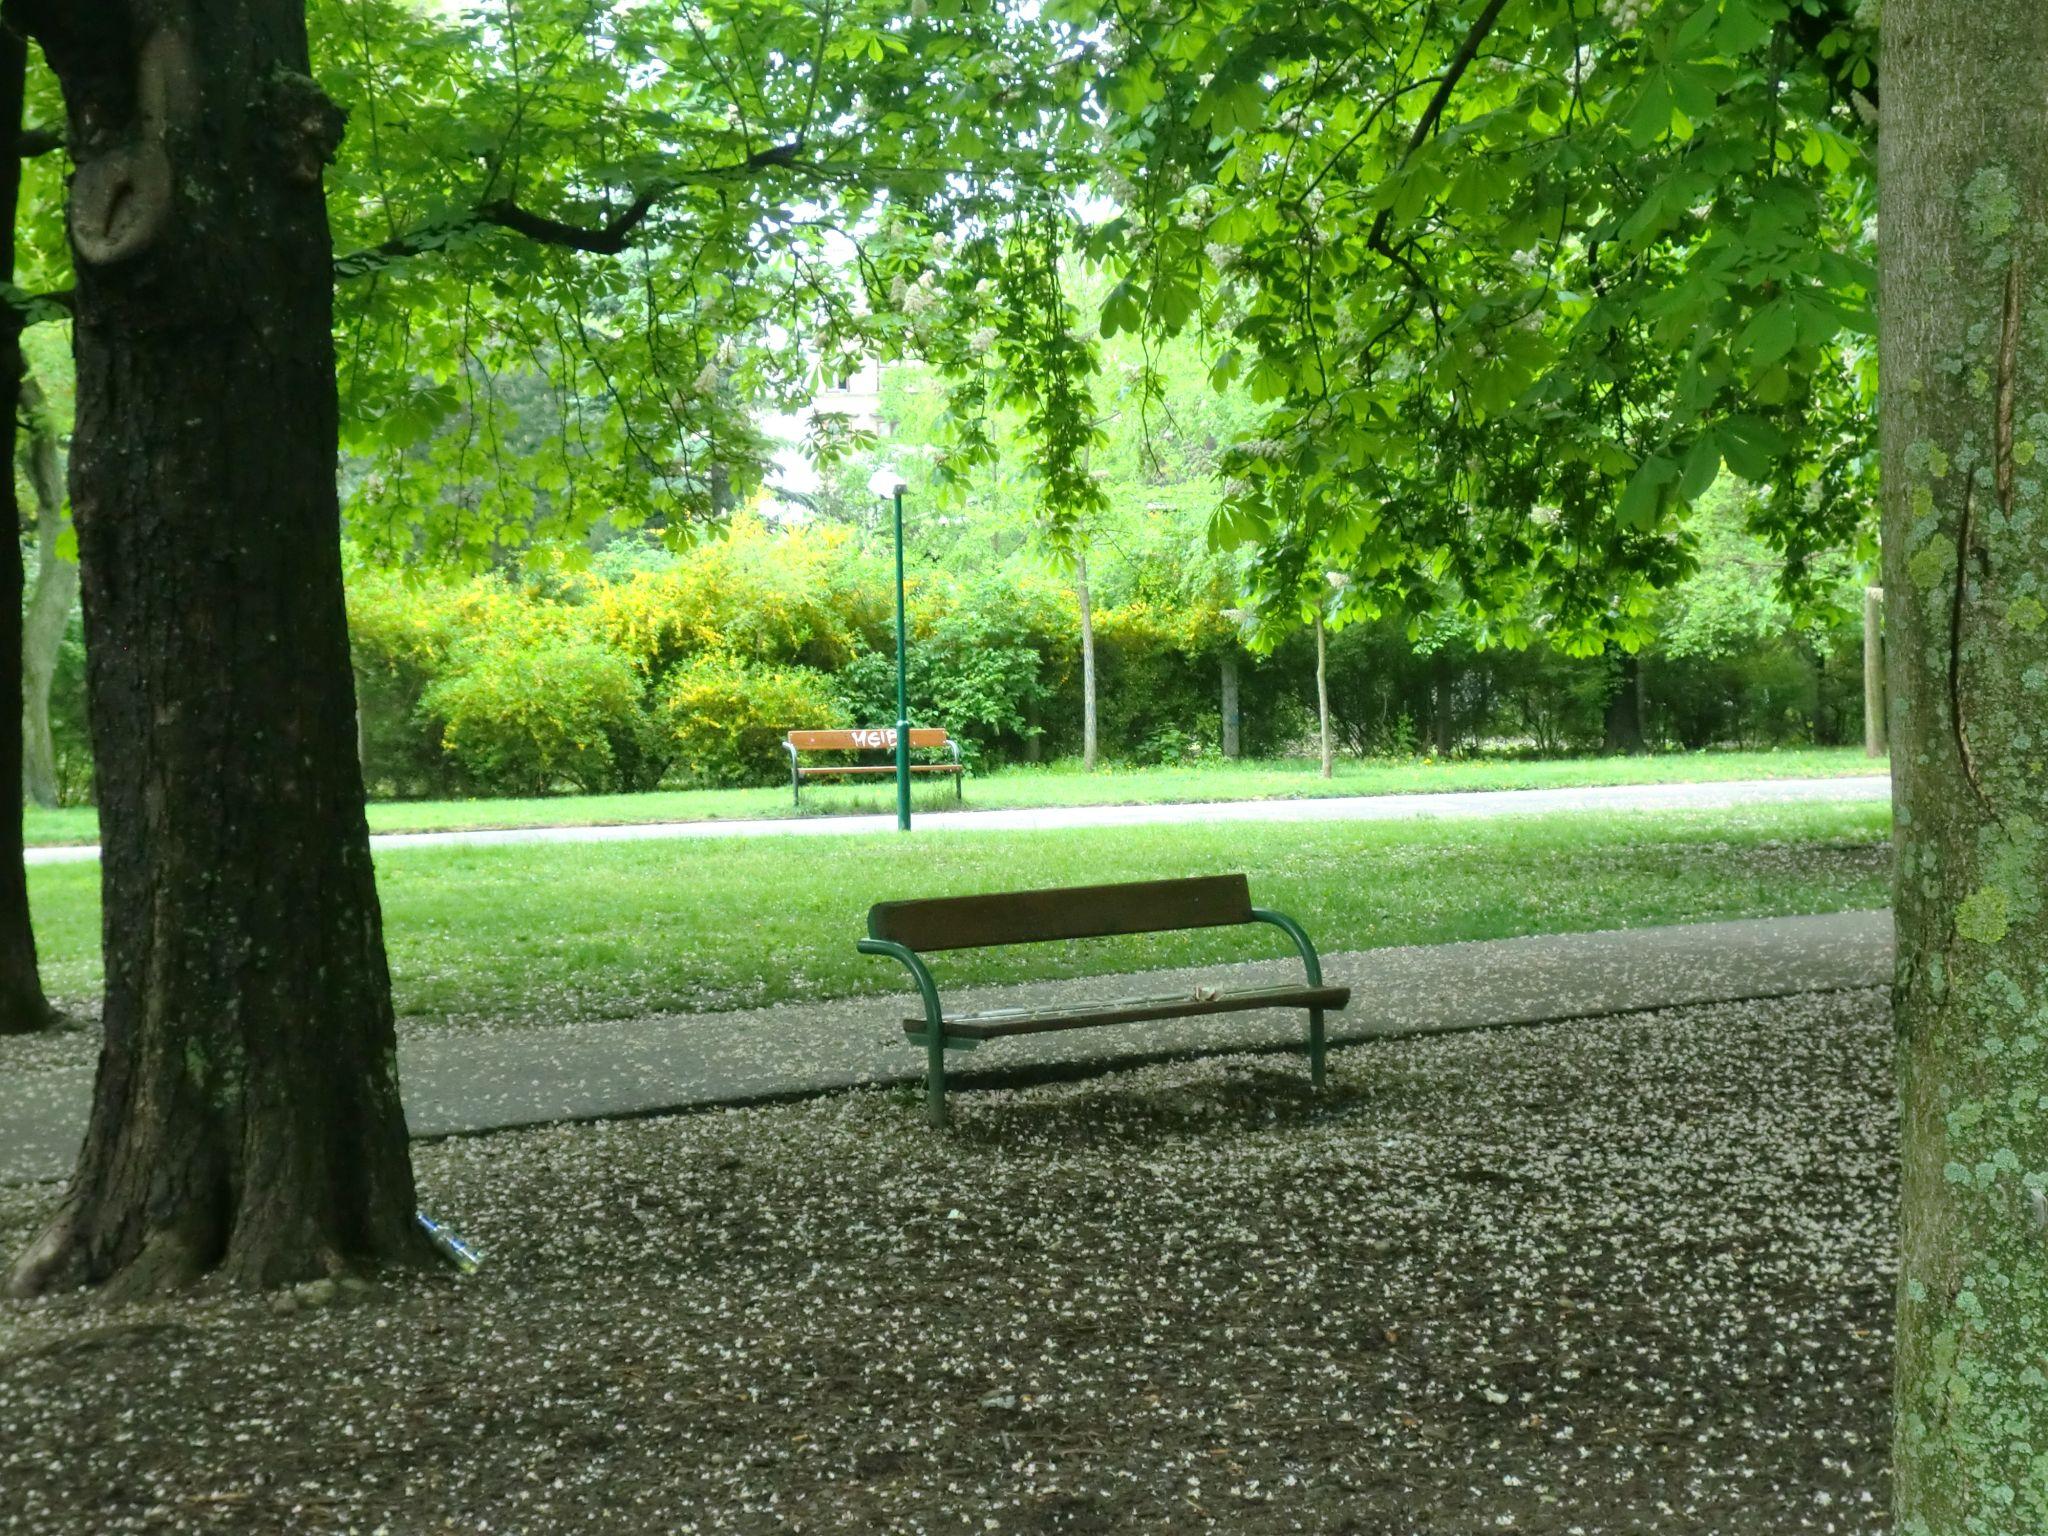 Vienna park 37 1440x1080 - Vienna: elegant beauty